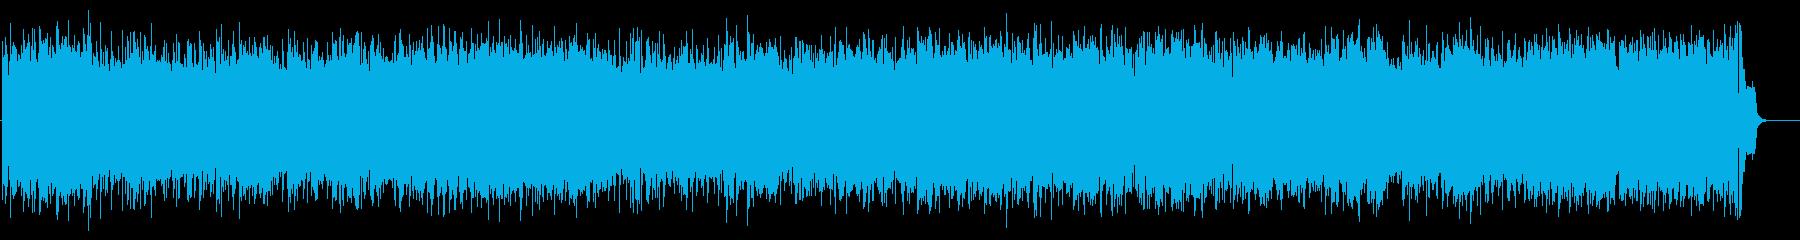 元気なヒューマンポップス(フルサイズ)の再生済みの波形